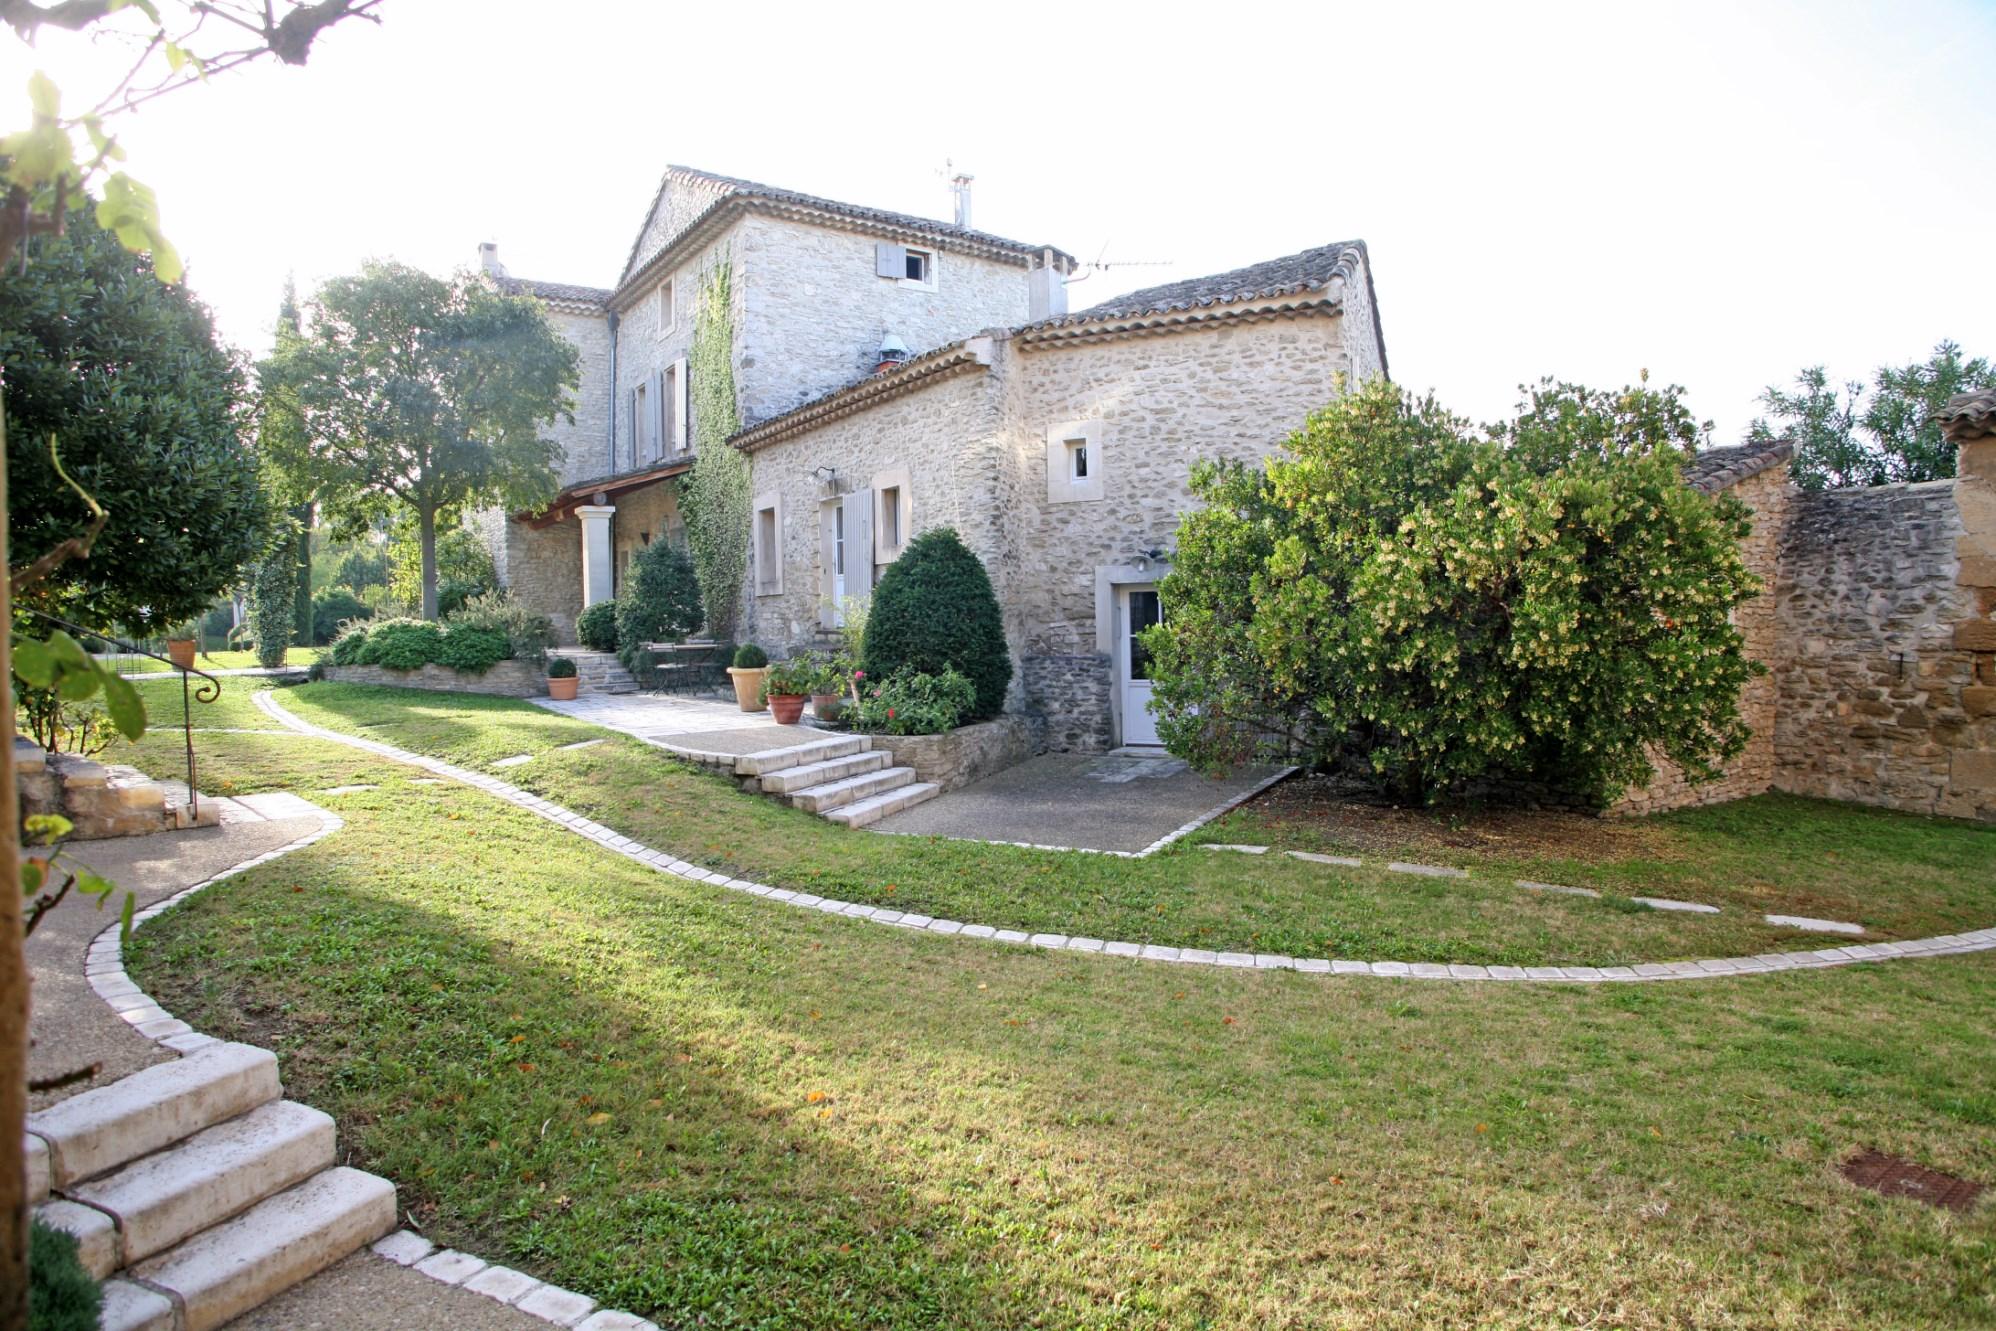 A vendre en Pays des Sorgues,  magnifique propriété sur environ 5 hectares avec vue